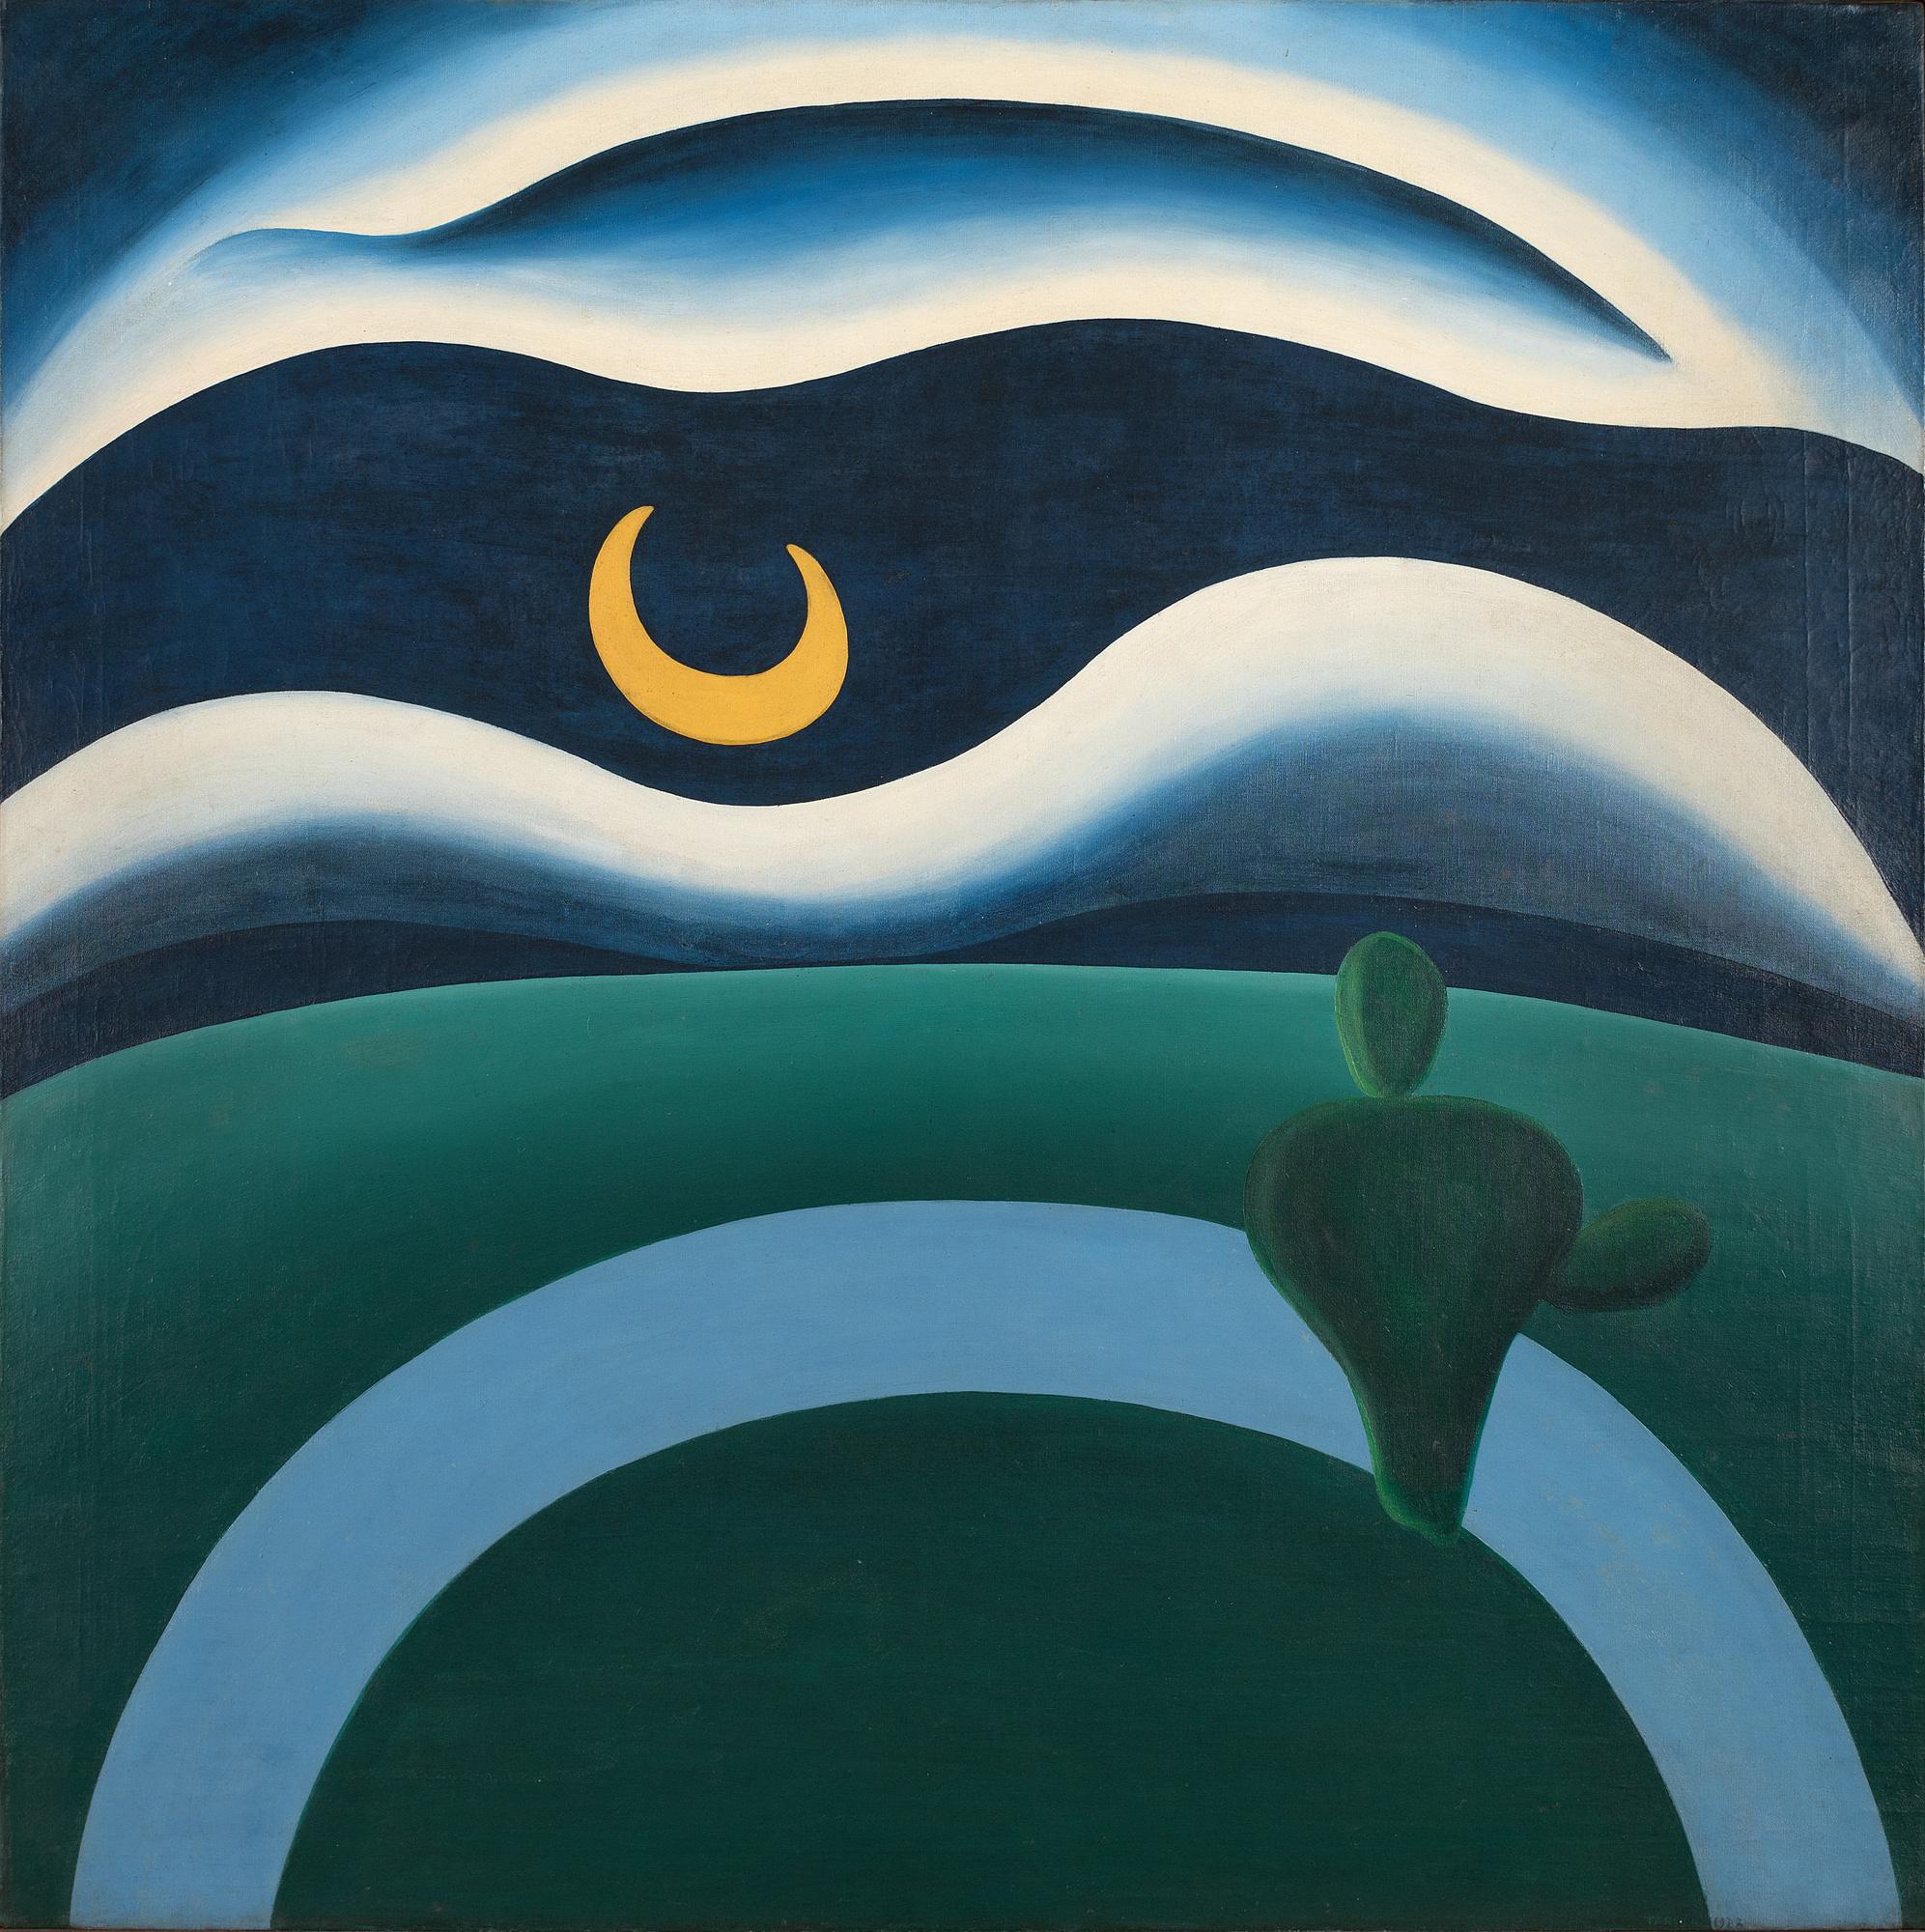 Tarsila do AmaralA Lua (The Moon) 1928 -